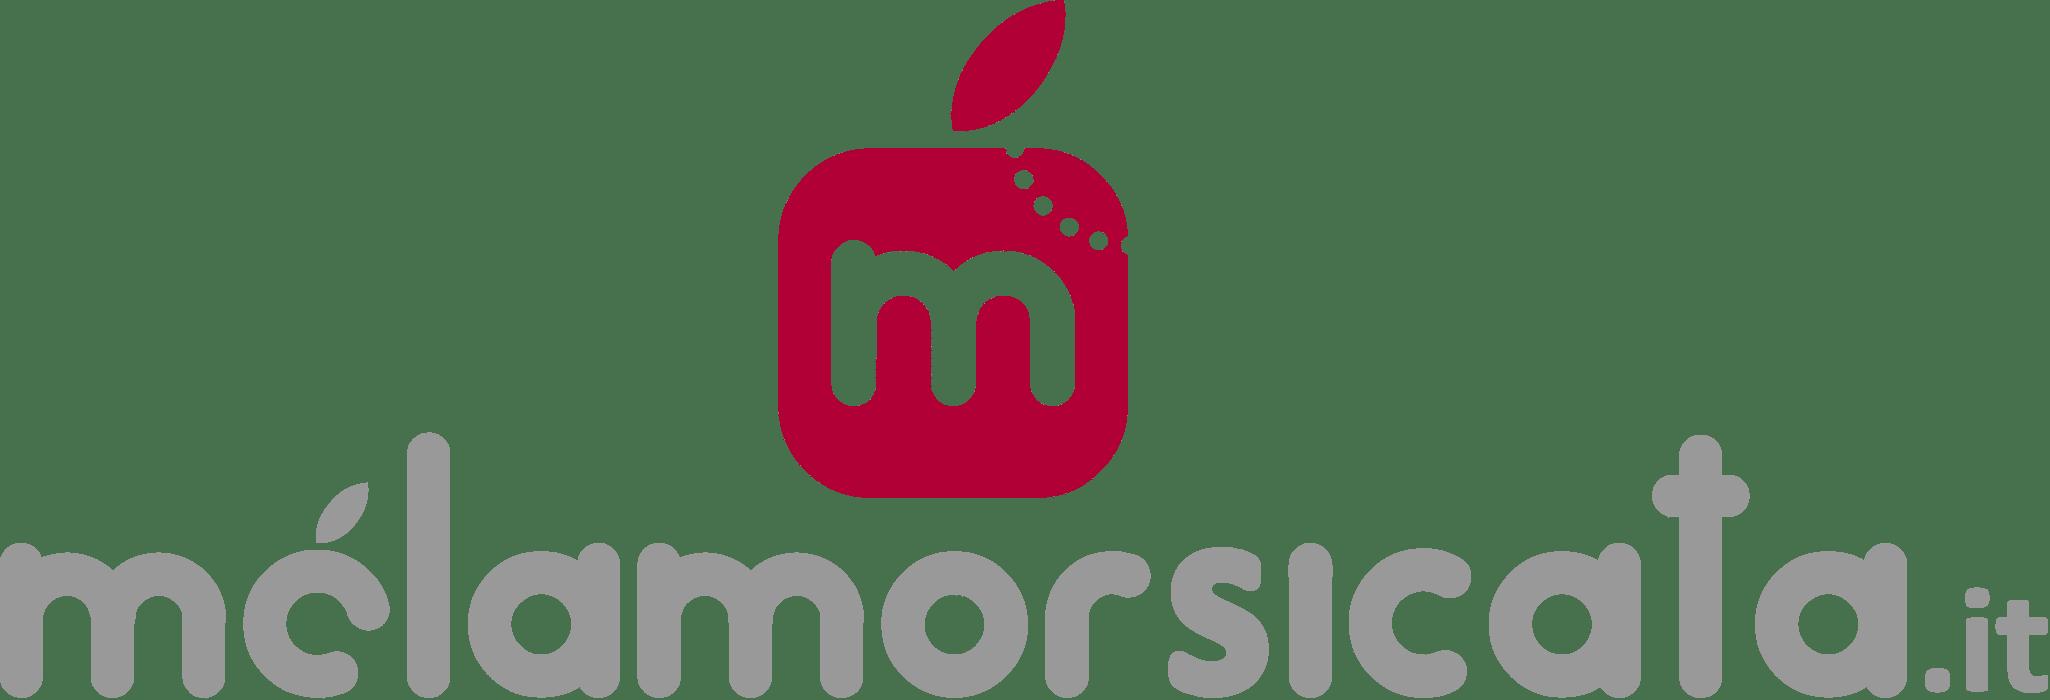 logo.base_.png